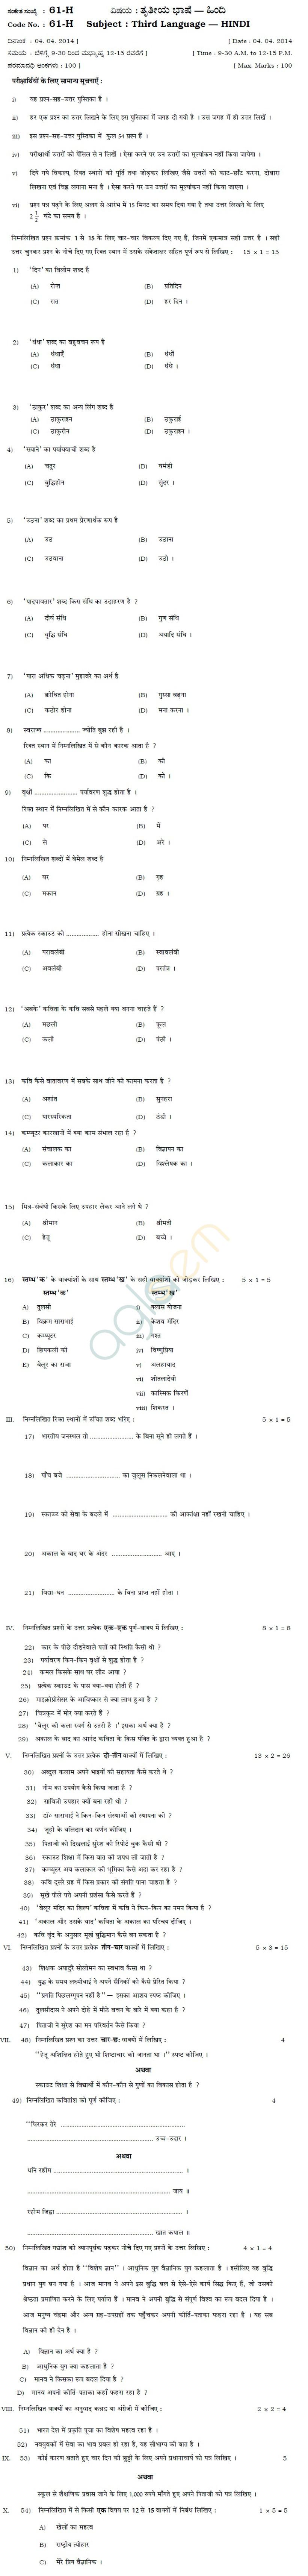 Hindi III